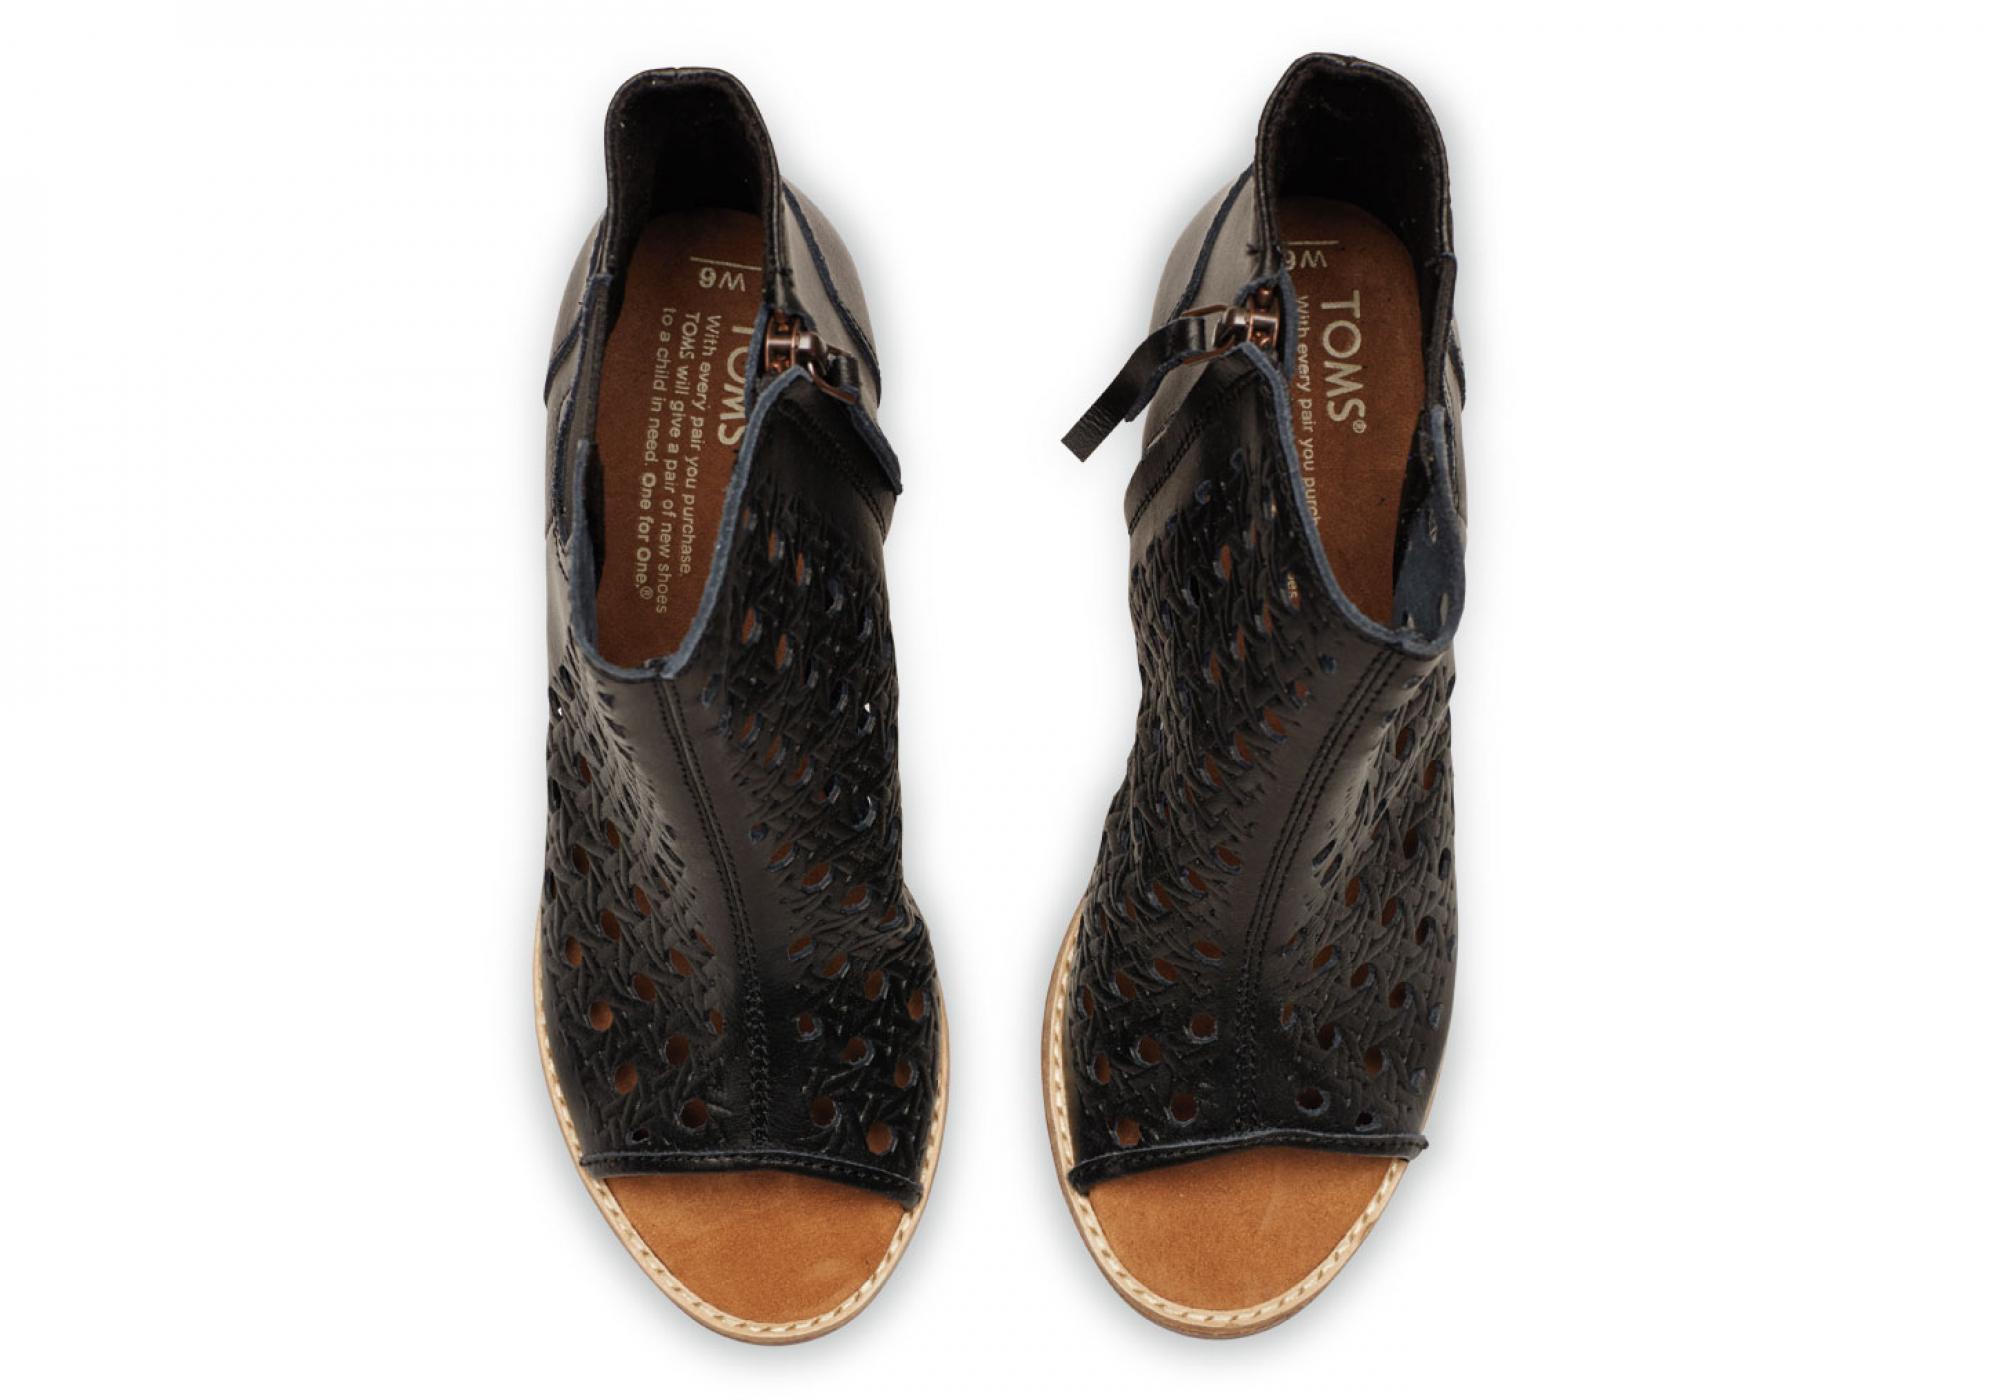 1d72095a137 Černé dámské kožené boty na podpatku TOMS